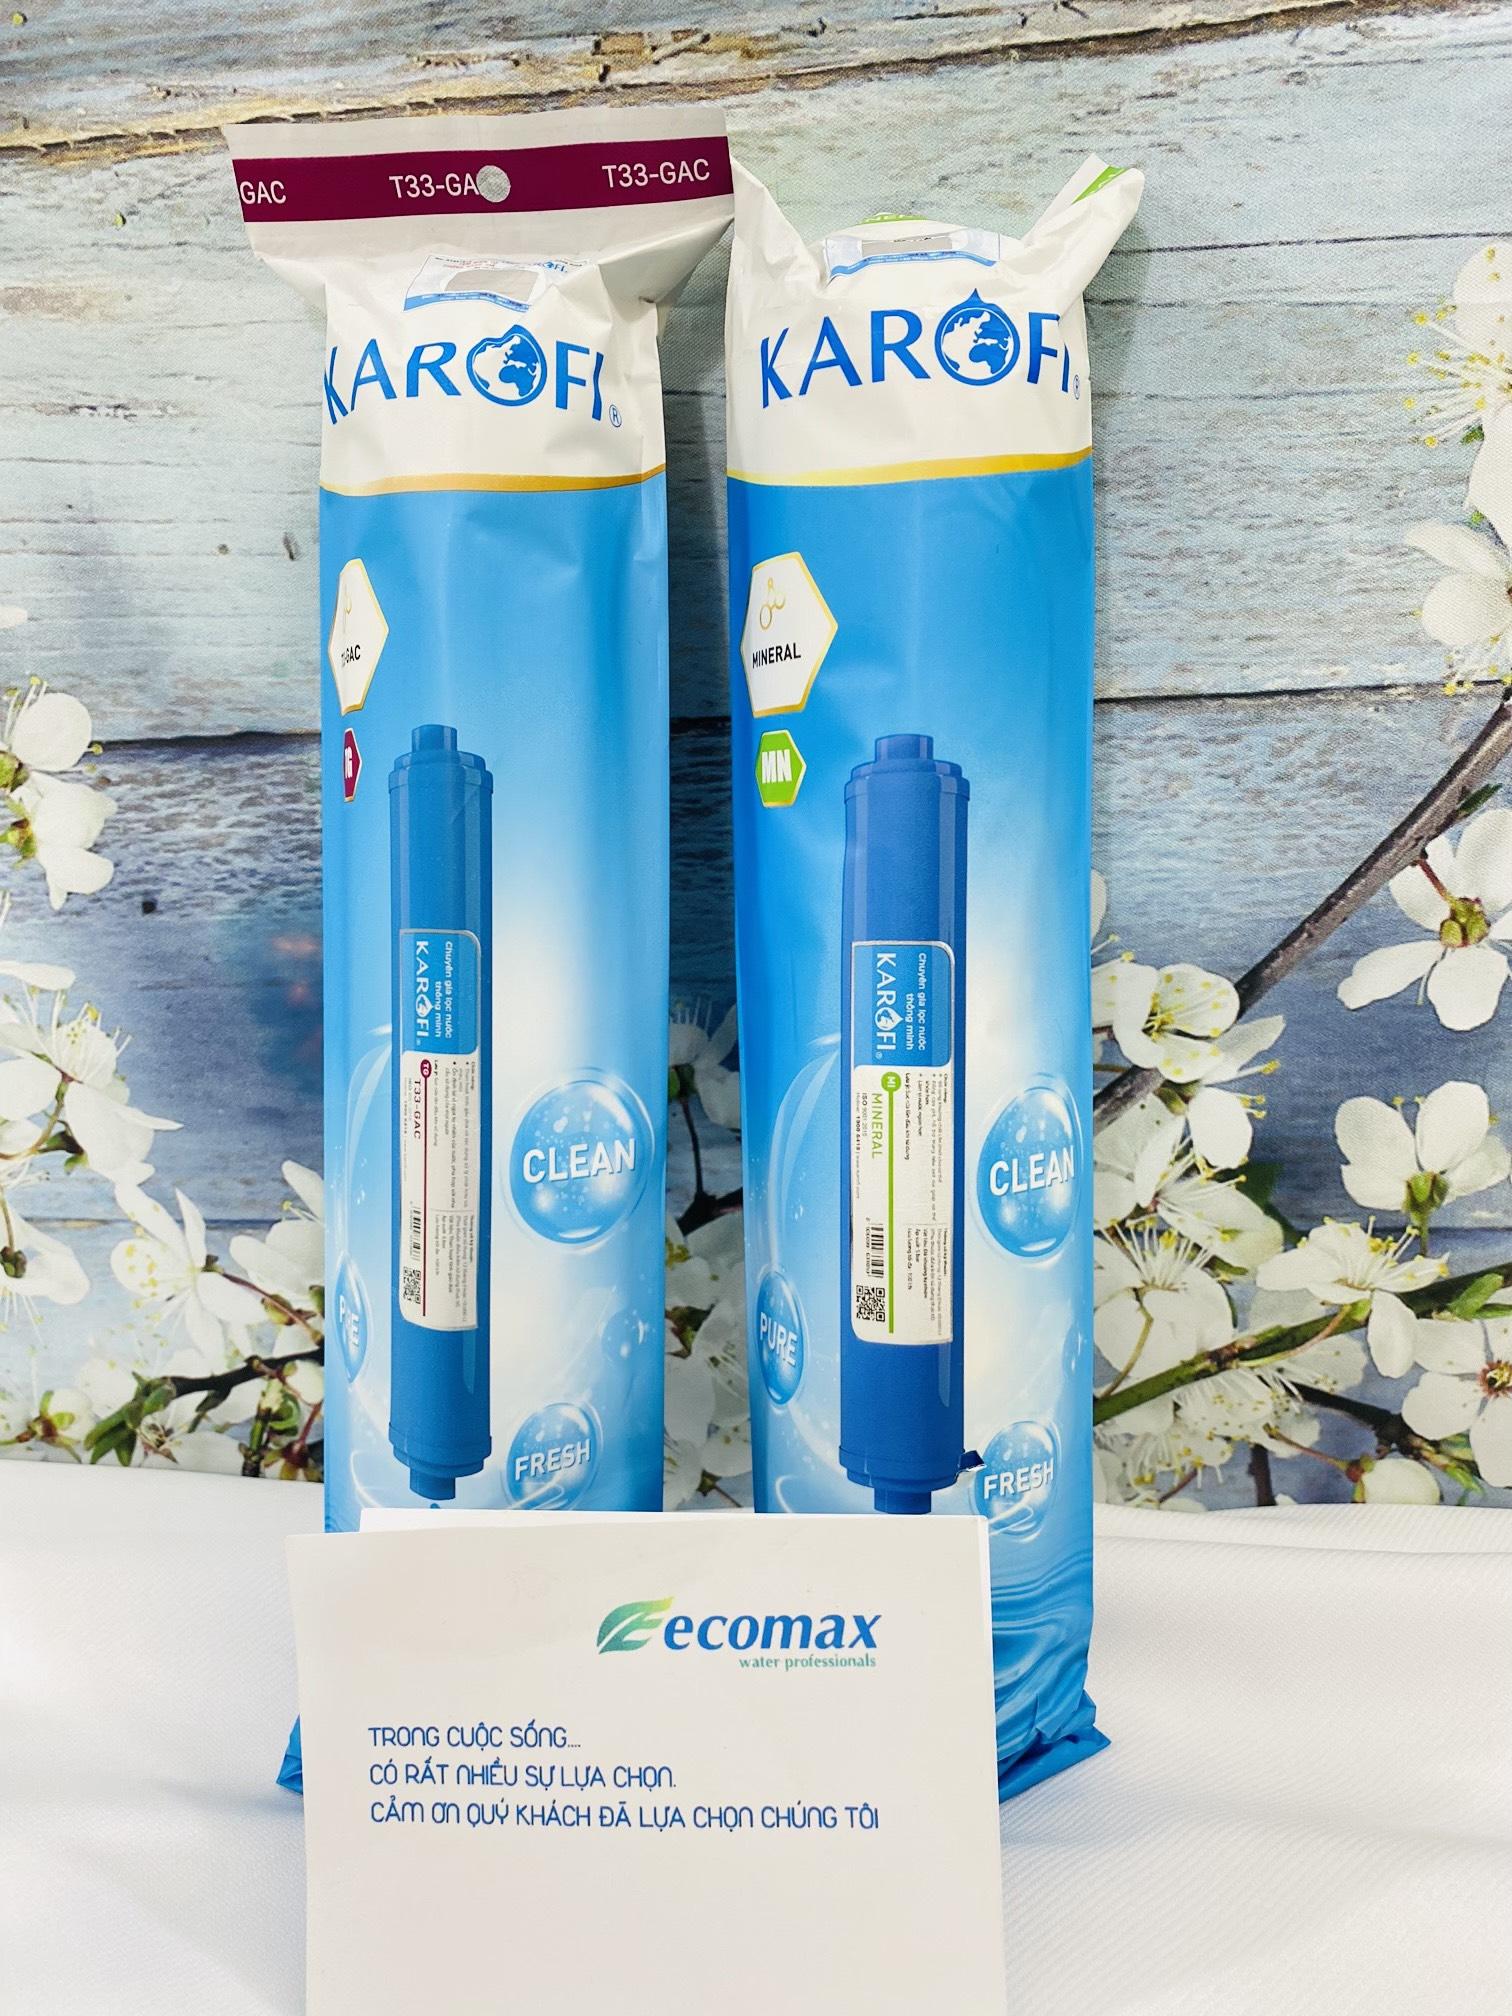 Combo 2 lõi lọc nước 5  6 karofi  lõi lọc nước số 5 karofi  lõi lọc nước số 6 karofi  lõi lọc nước karofi thế hệ mới